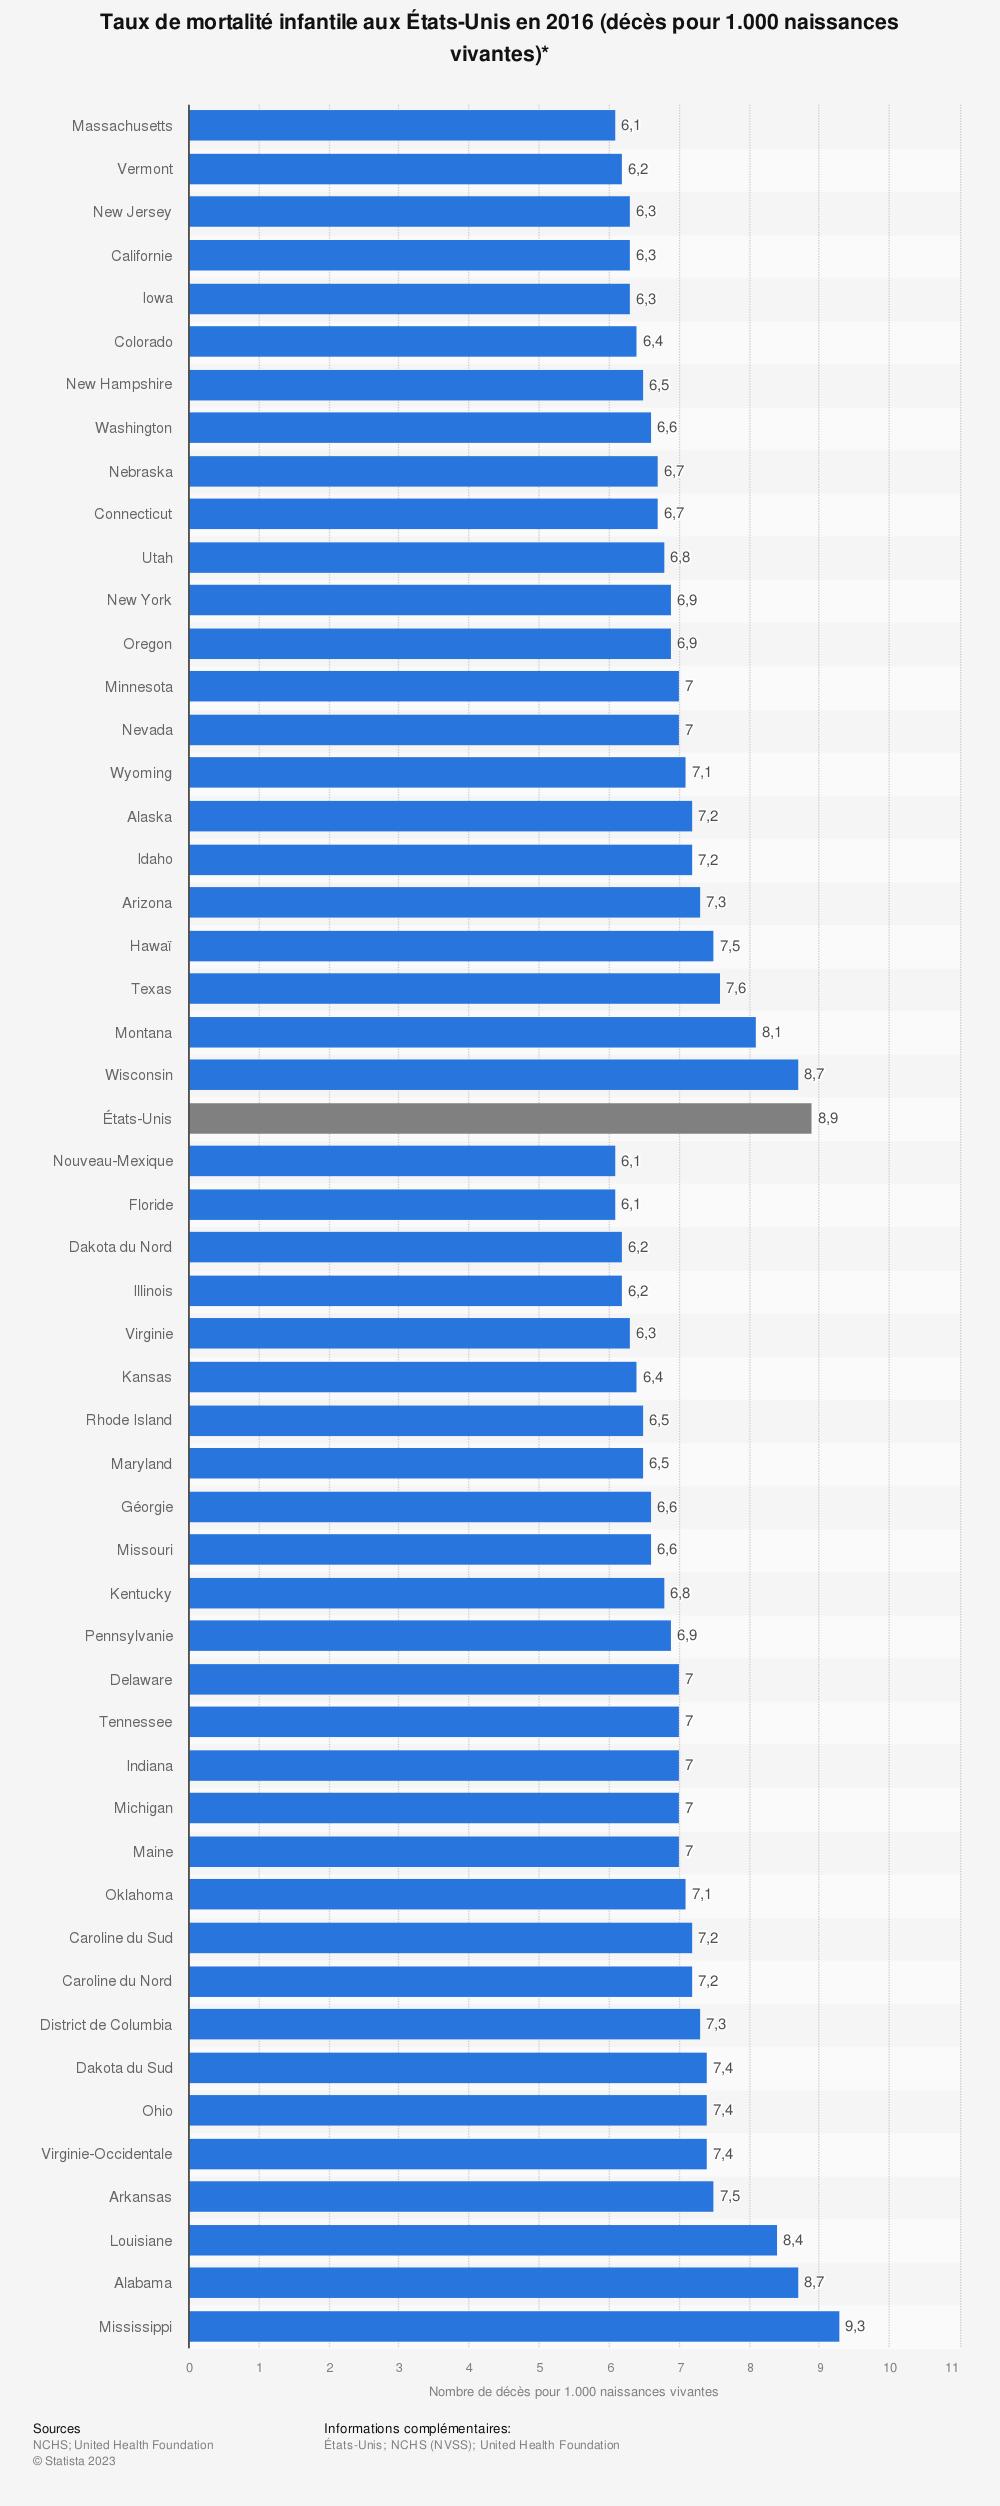 Statistique: Taux de mortalité infantile aux États-Unis en 2016 (décès pour 1.000 naissances vivantes)* | Statista